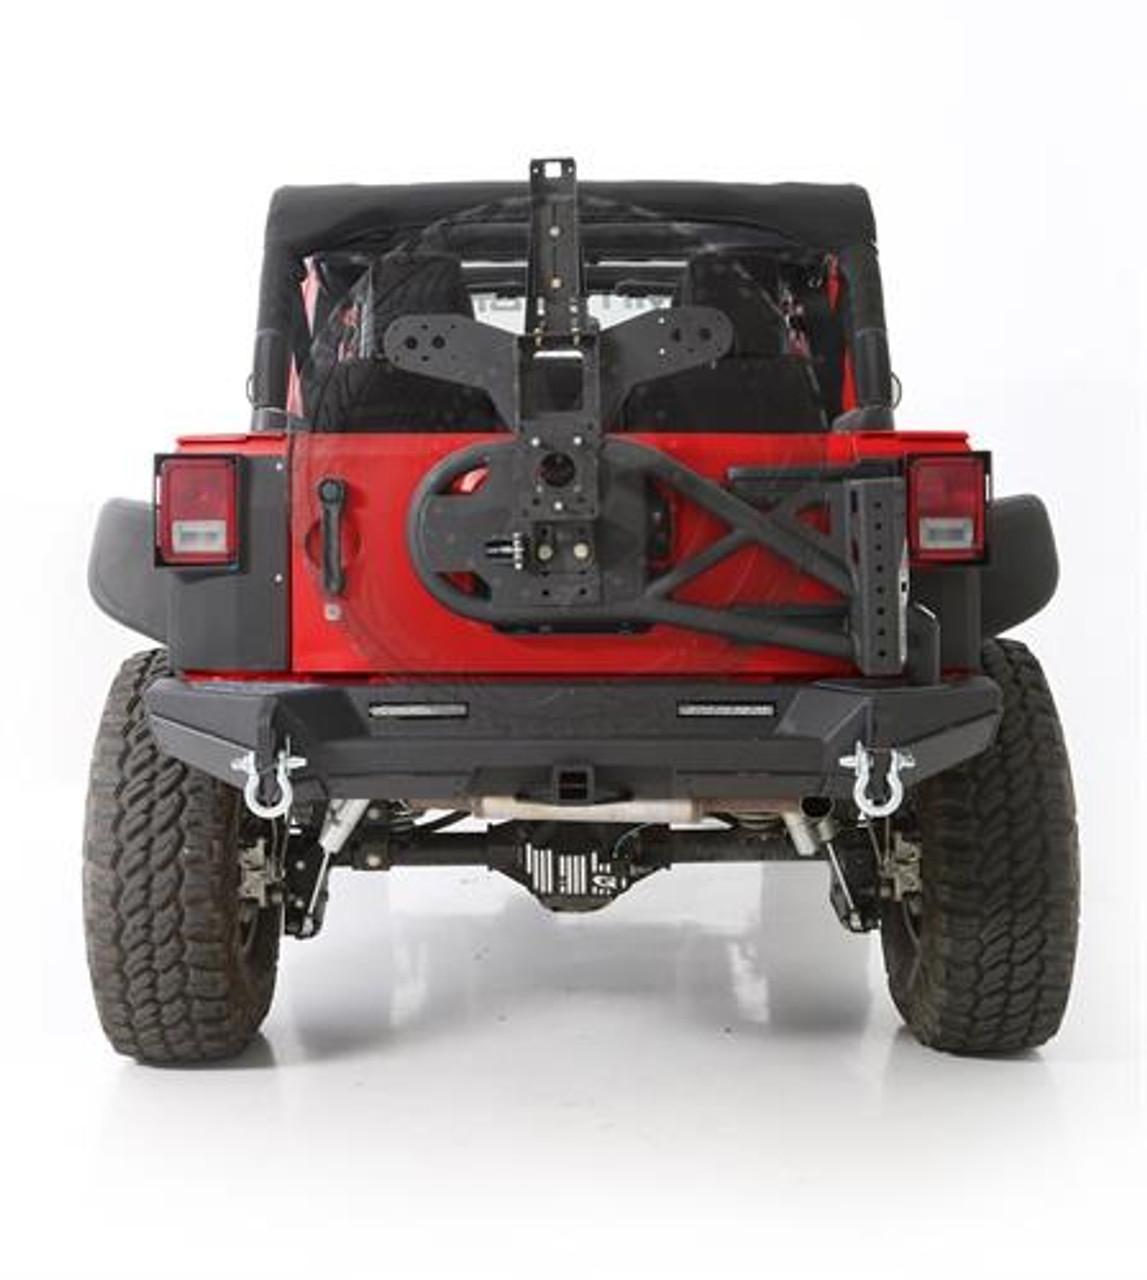 Smittybilt 76857 Gen2 Bolt-On Tire Carrier for Jeep Wrangler JK 2007-2016